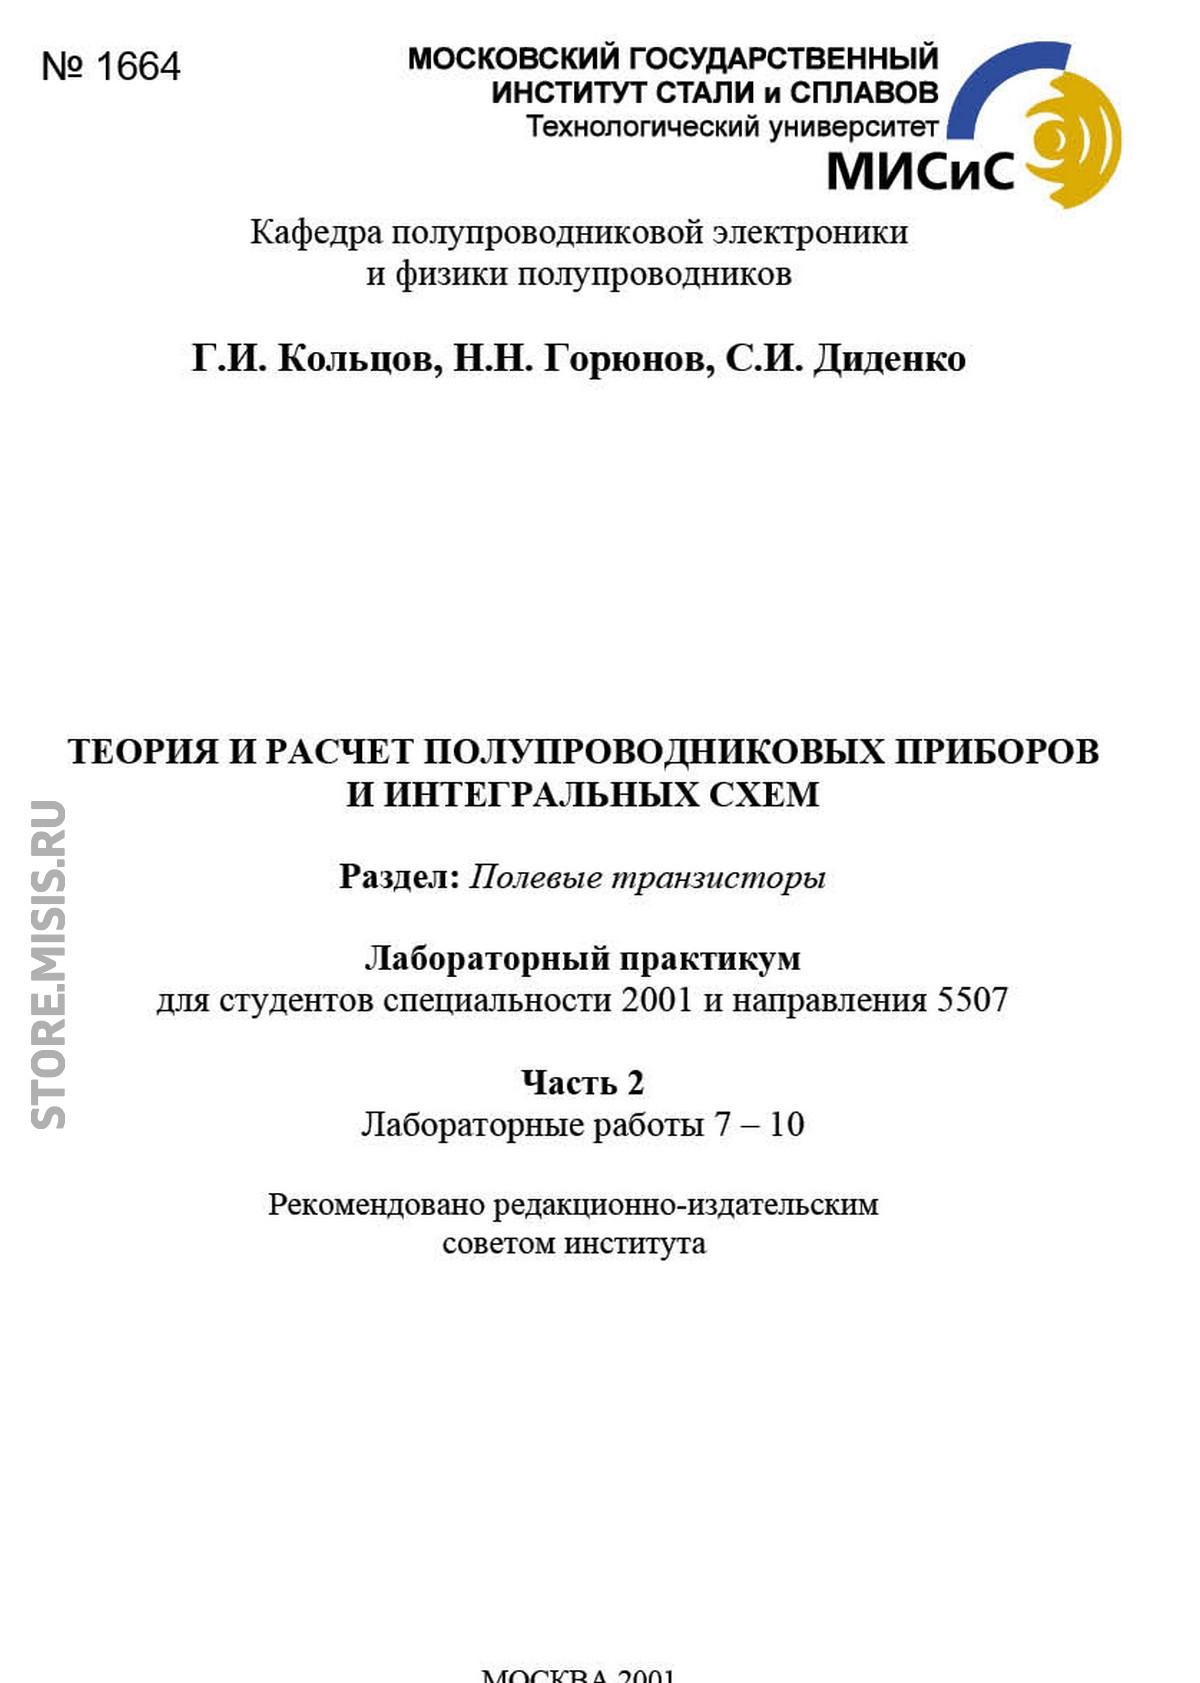 Н. Н. Горюнов Теория и расчет полупроводниковых приборов и интегральных схем. Полевые транзисторы. Часть 1 борухович а с полупроводник и ферромагнетик монооксид европия в спинтронике монография